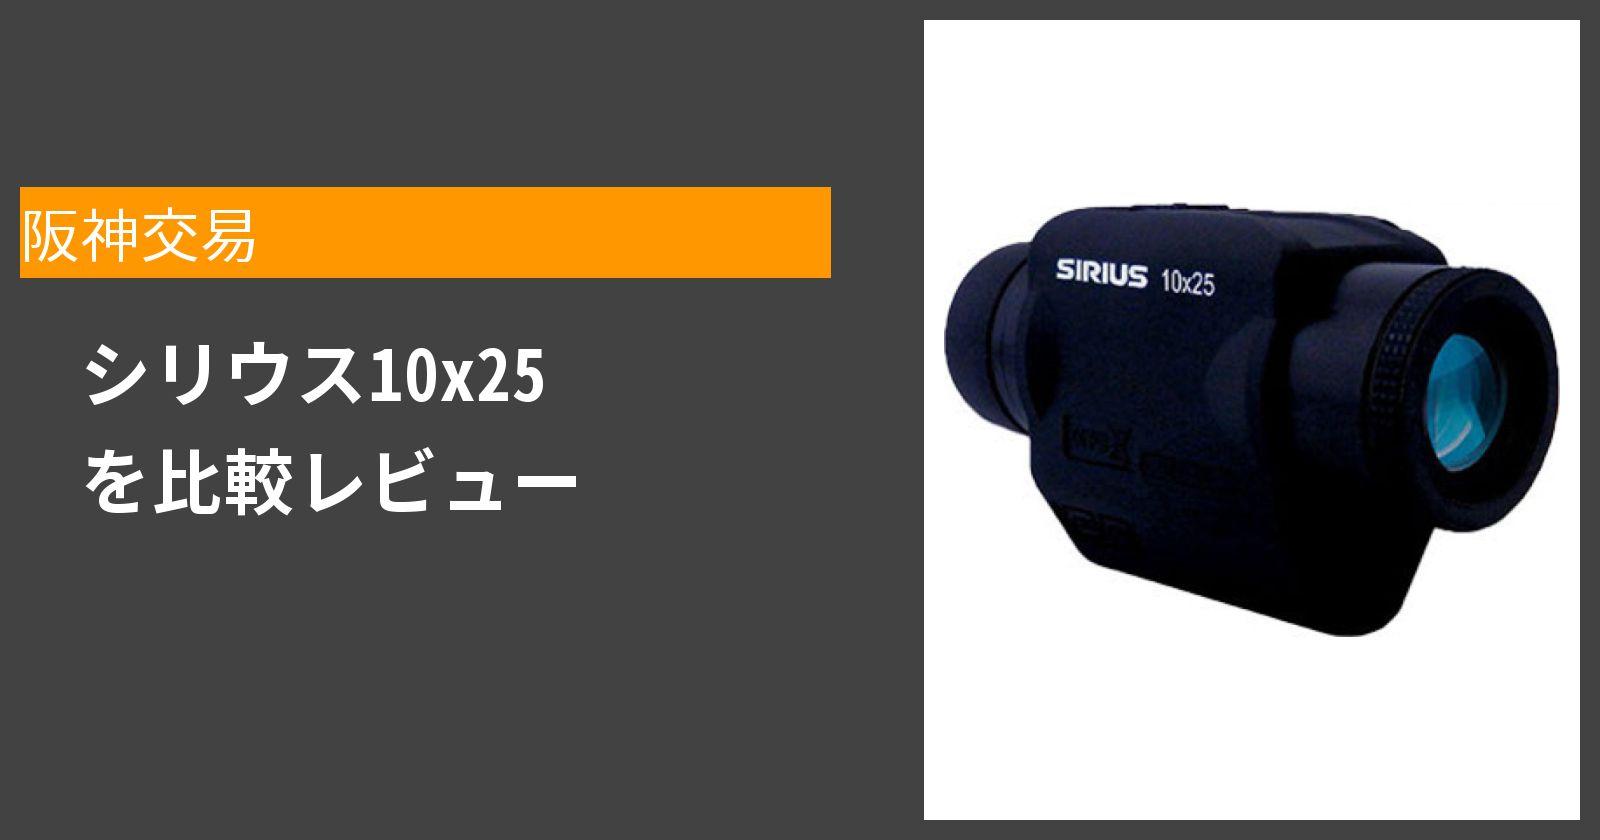 シリウス10x25を徹底評価